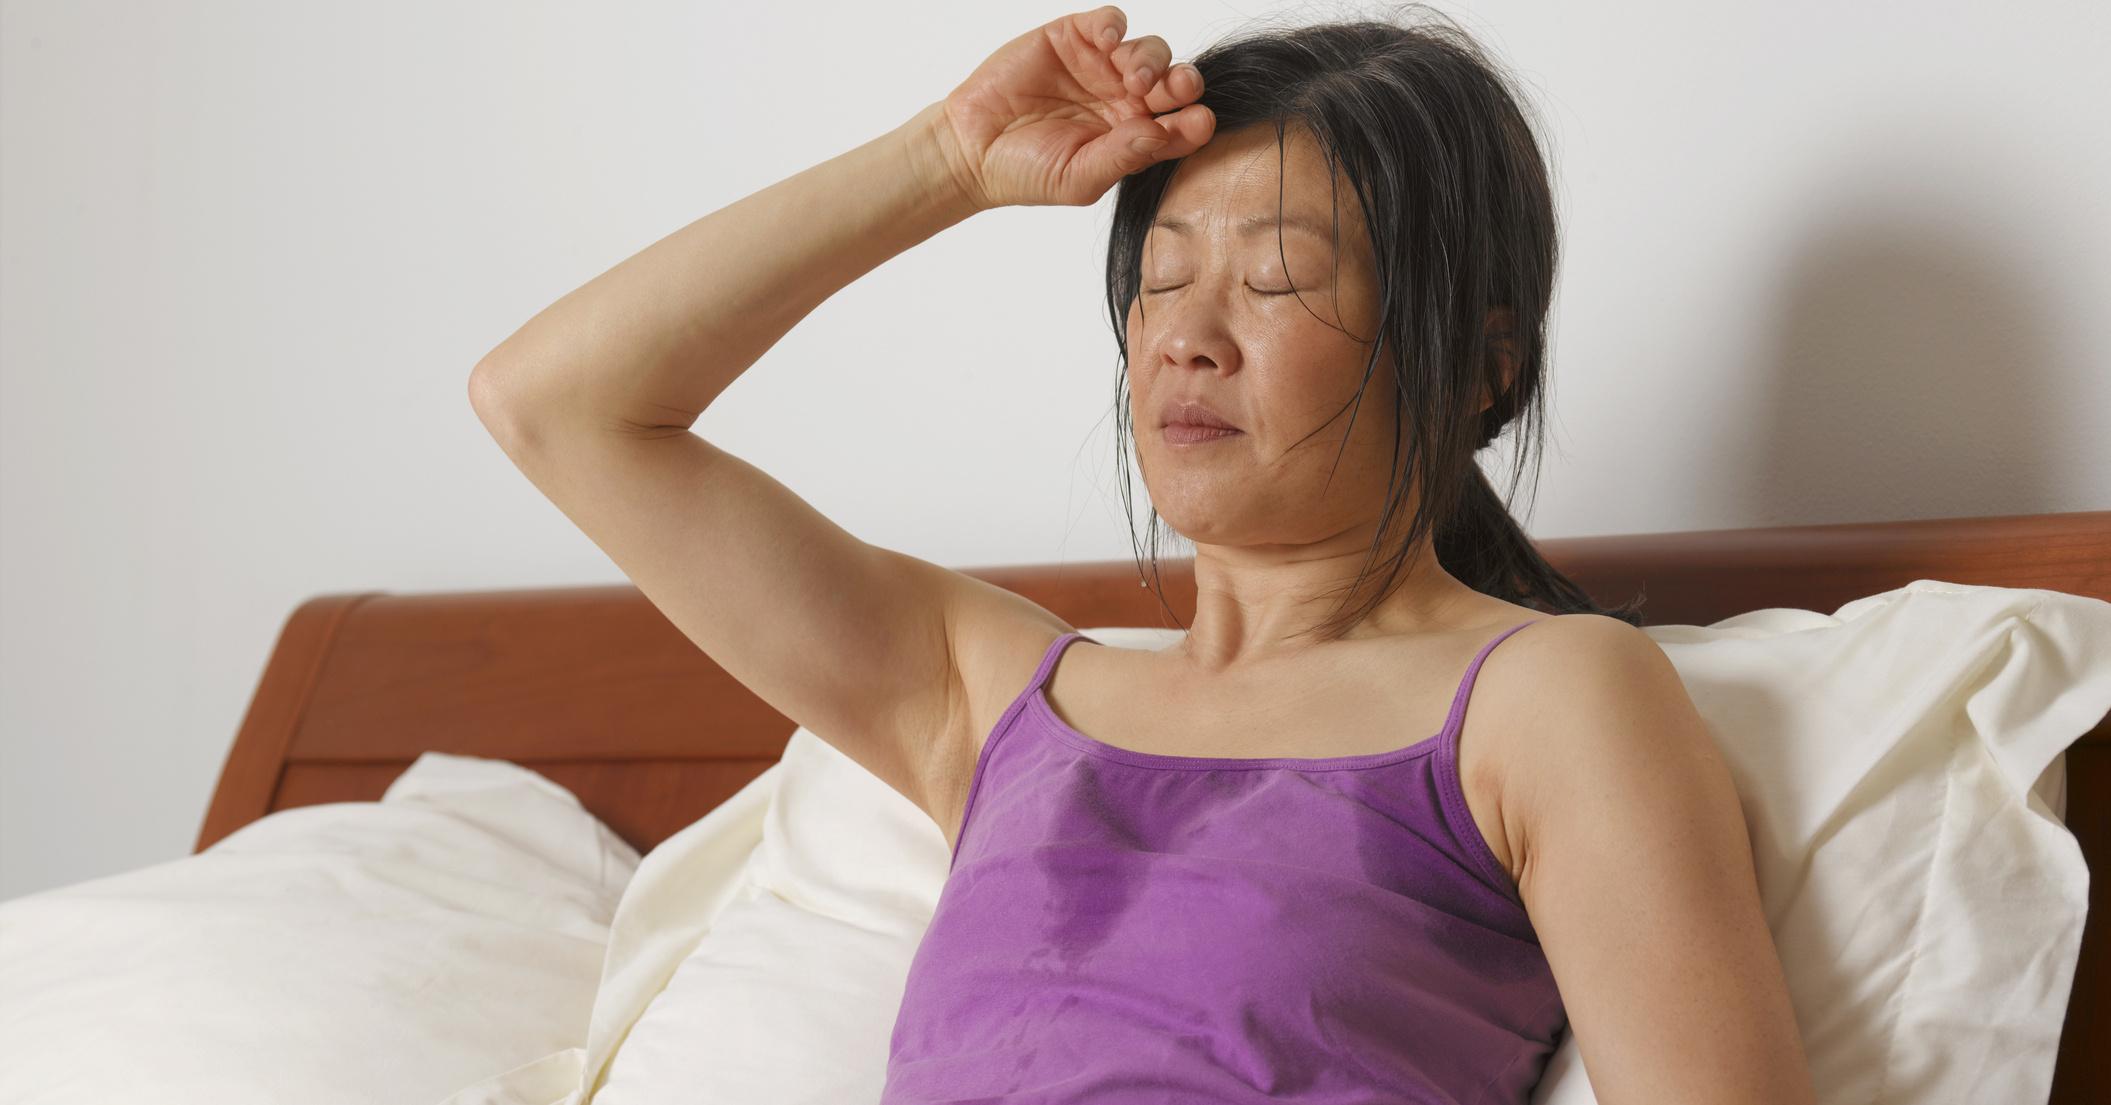 Менопауза и потливость причины и лечение гипергидроза при климаксе